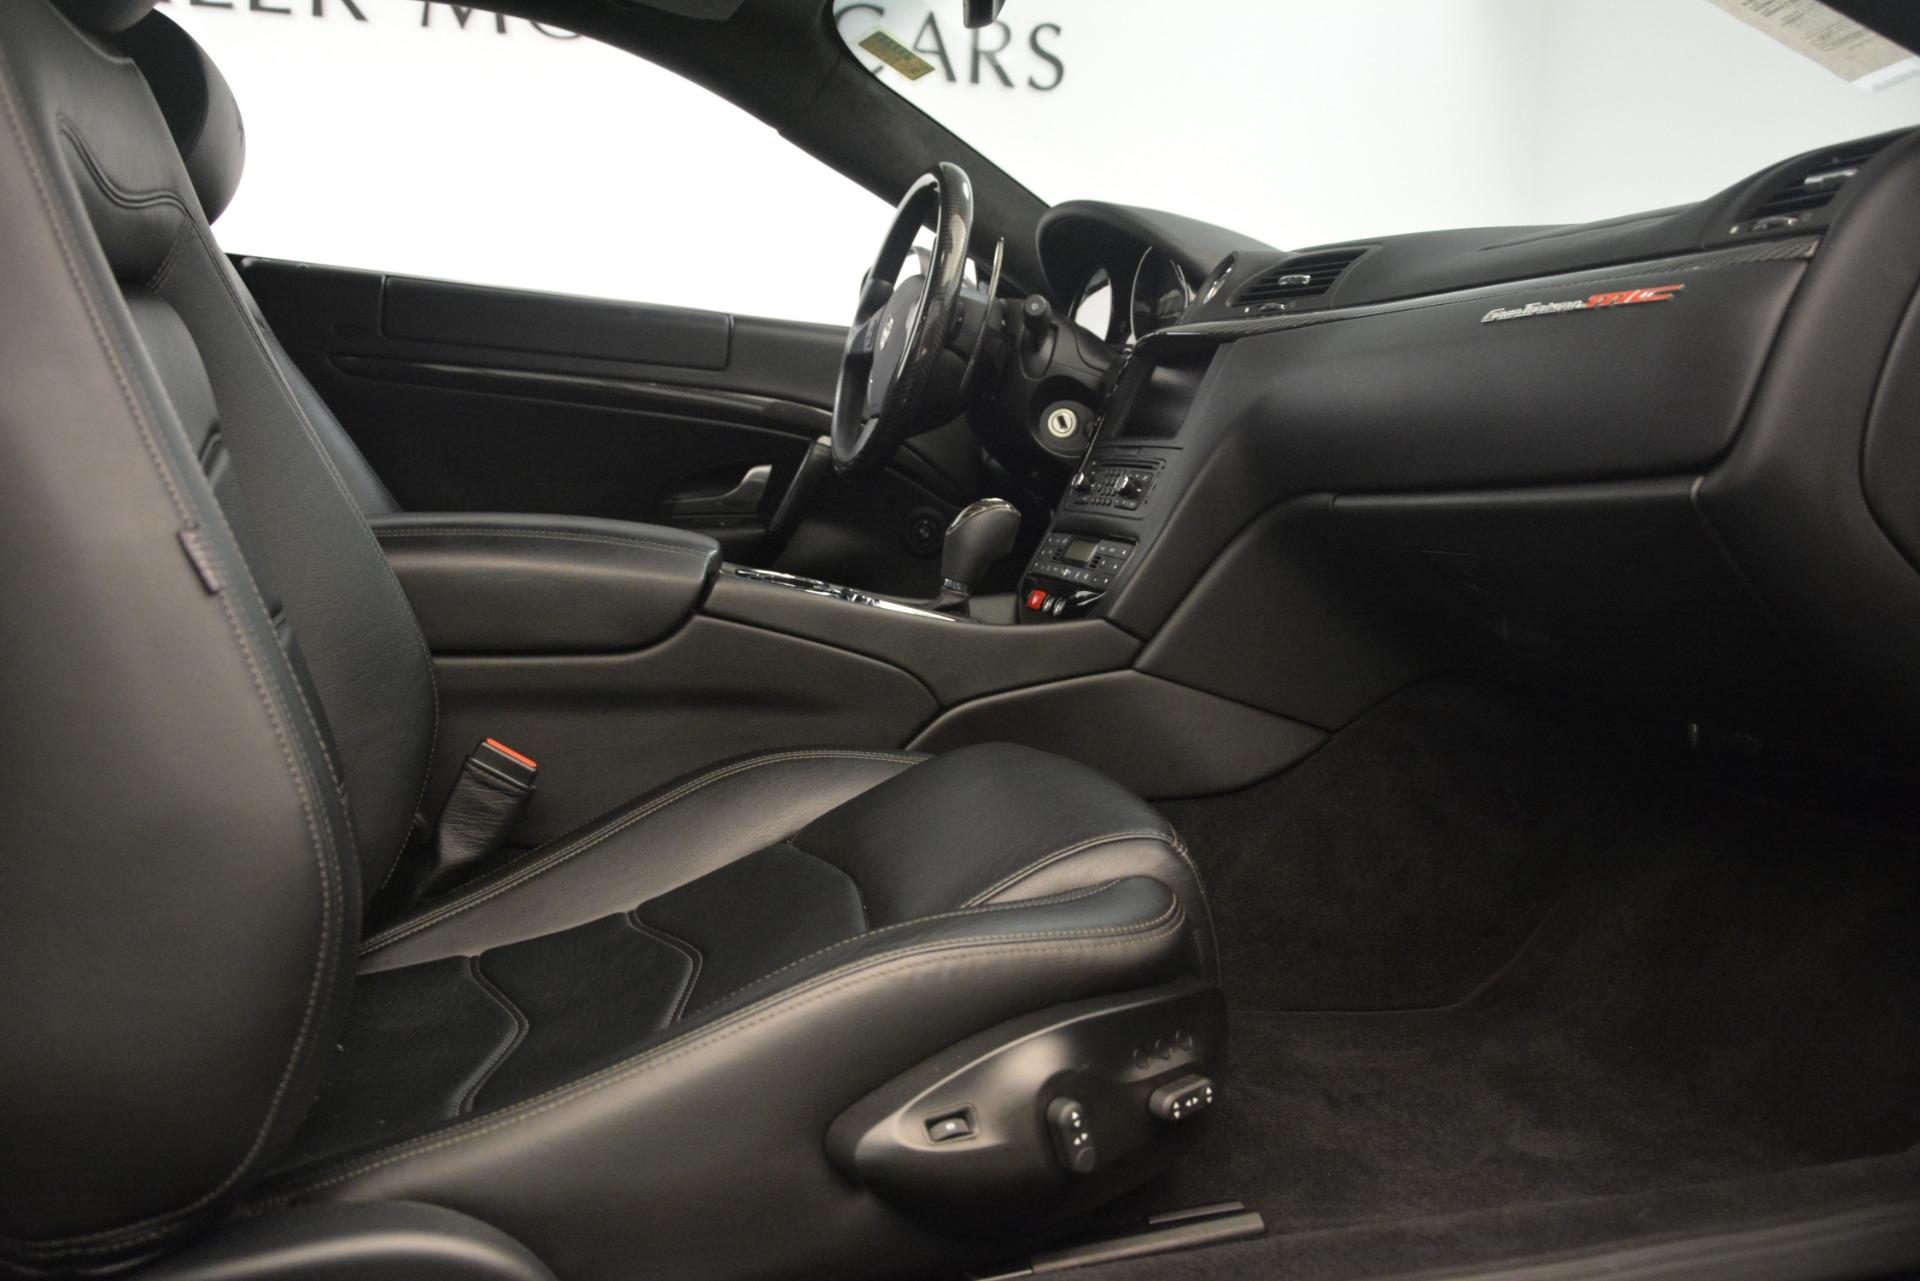 Used 2012 Maserati GranTurismo MC For Sale In Greenwich, CT 1284_p21